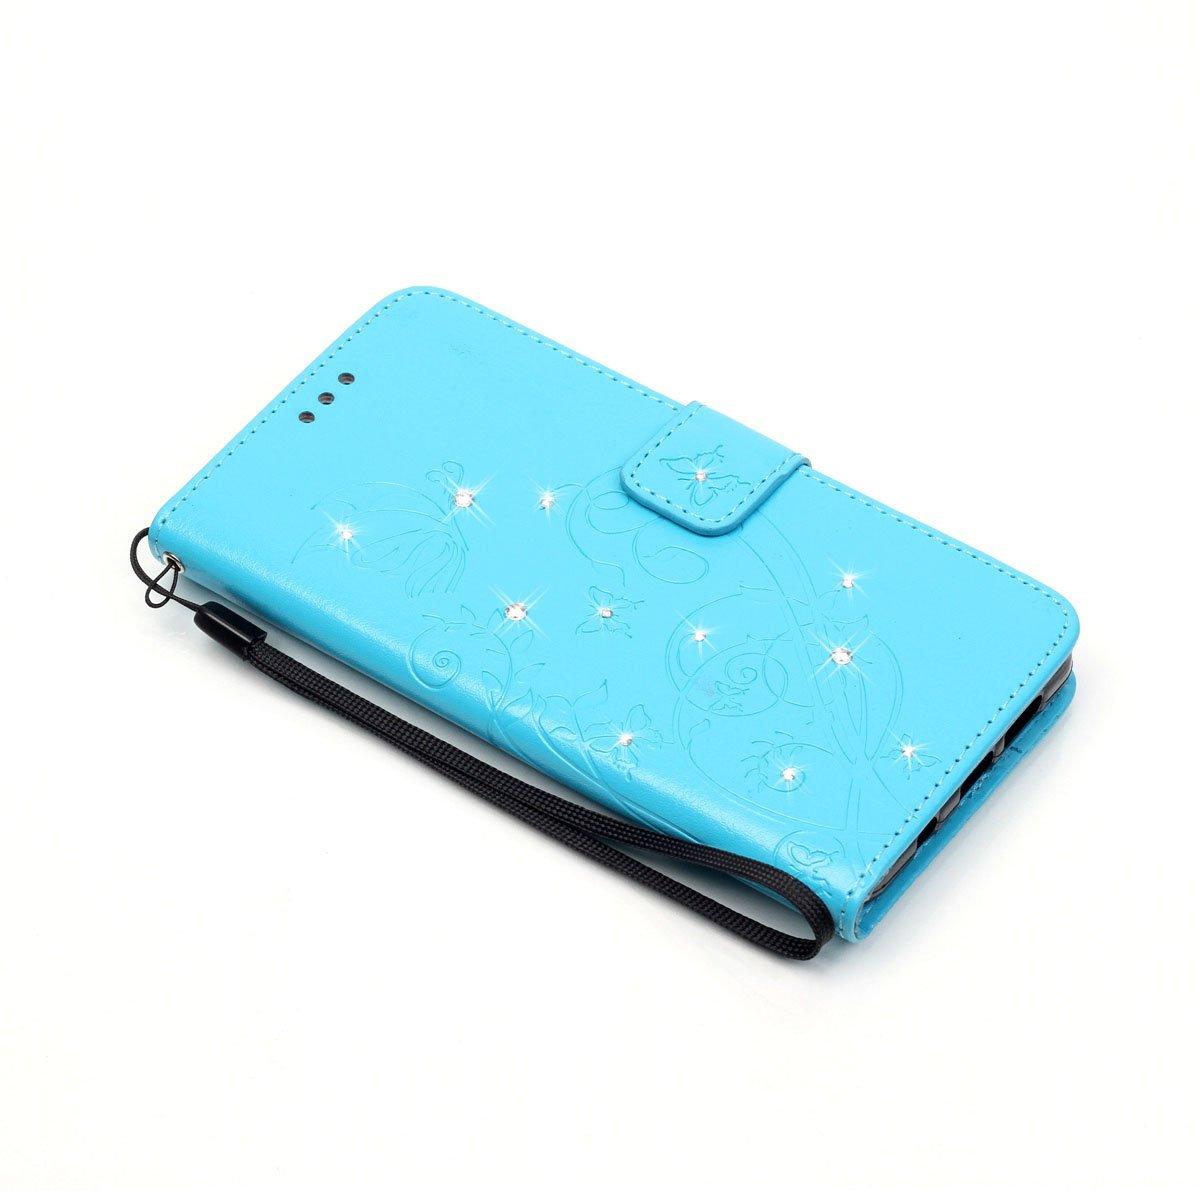 Cover Sony Xperia Z3 Compact,ikasus Goffratura Vines Fiore Farfalle Cristallo 3D Diamante Bling Strass Flip Cover Portafoglio PU Pelle Wallet Stand Custodia Cover per Sony Xperia Z3 Compact,Grigio